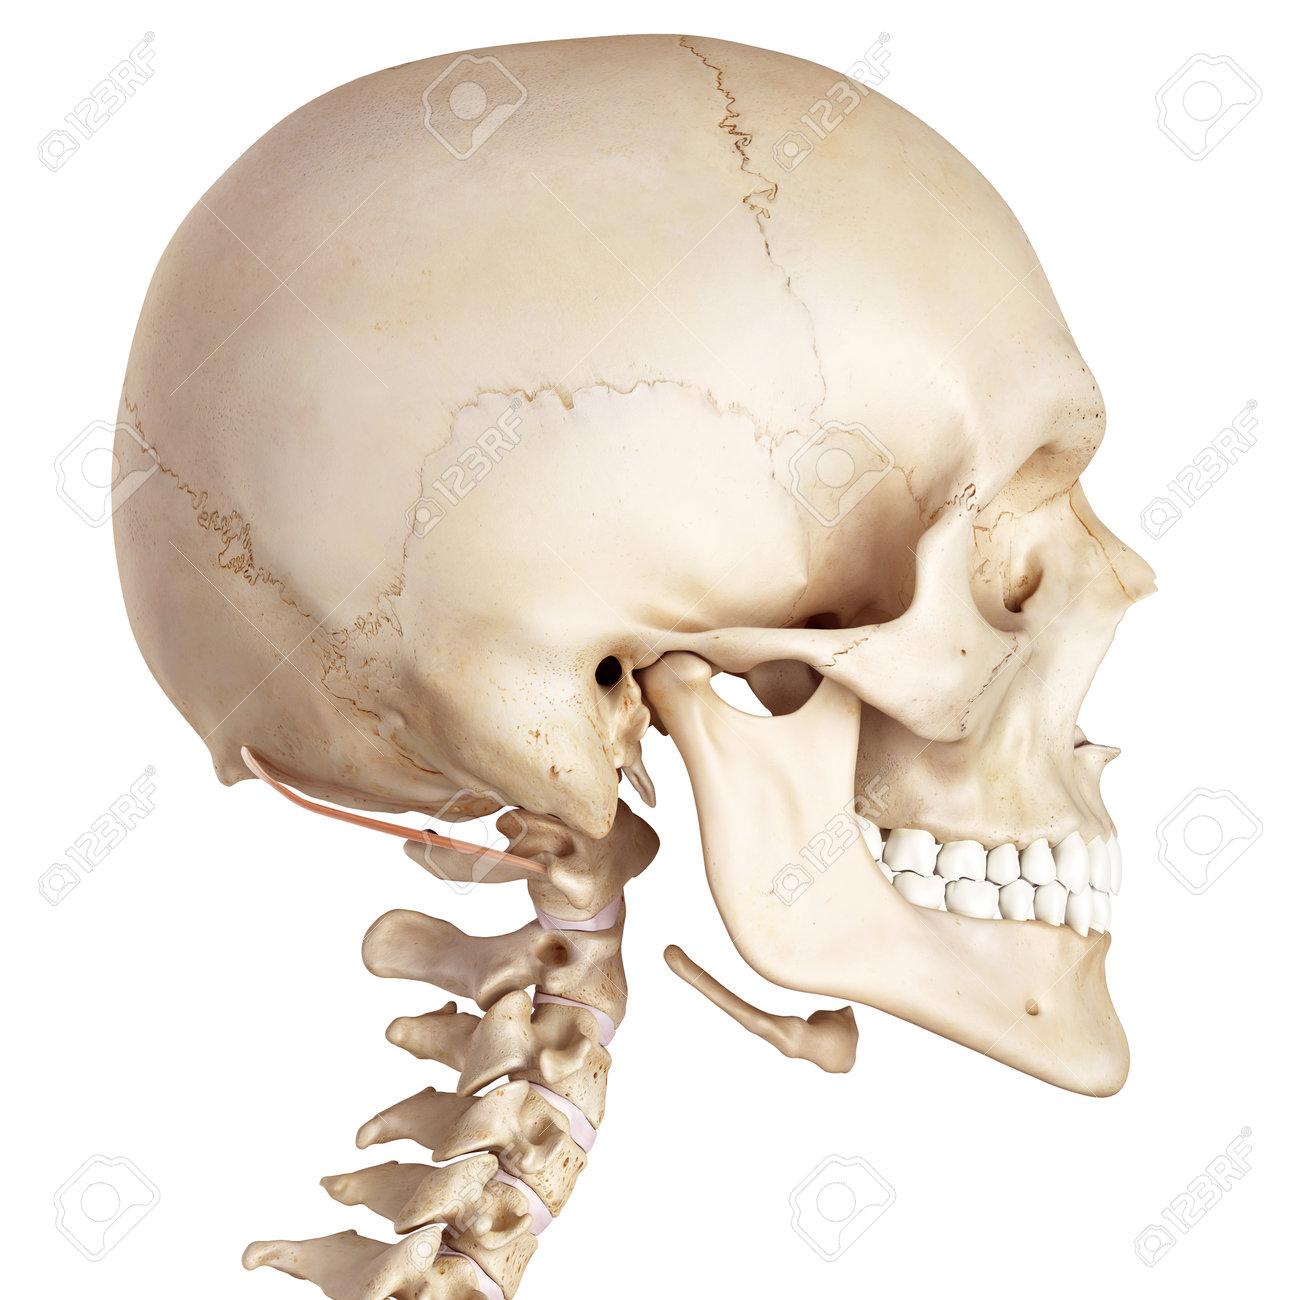 Ziemlich Kennzeichnung Anatomie Und Physiologie Schädel ...